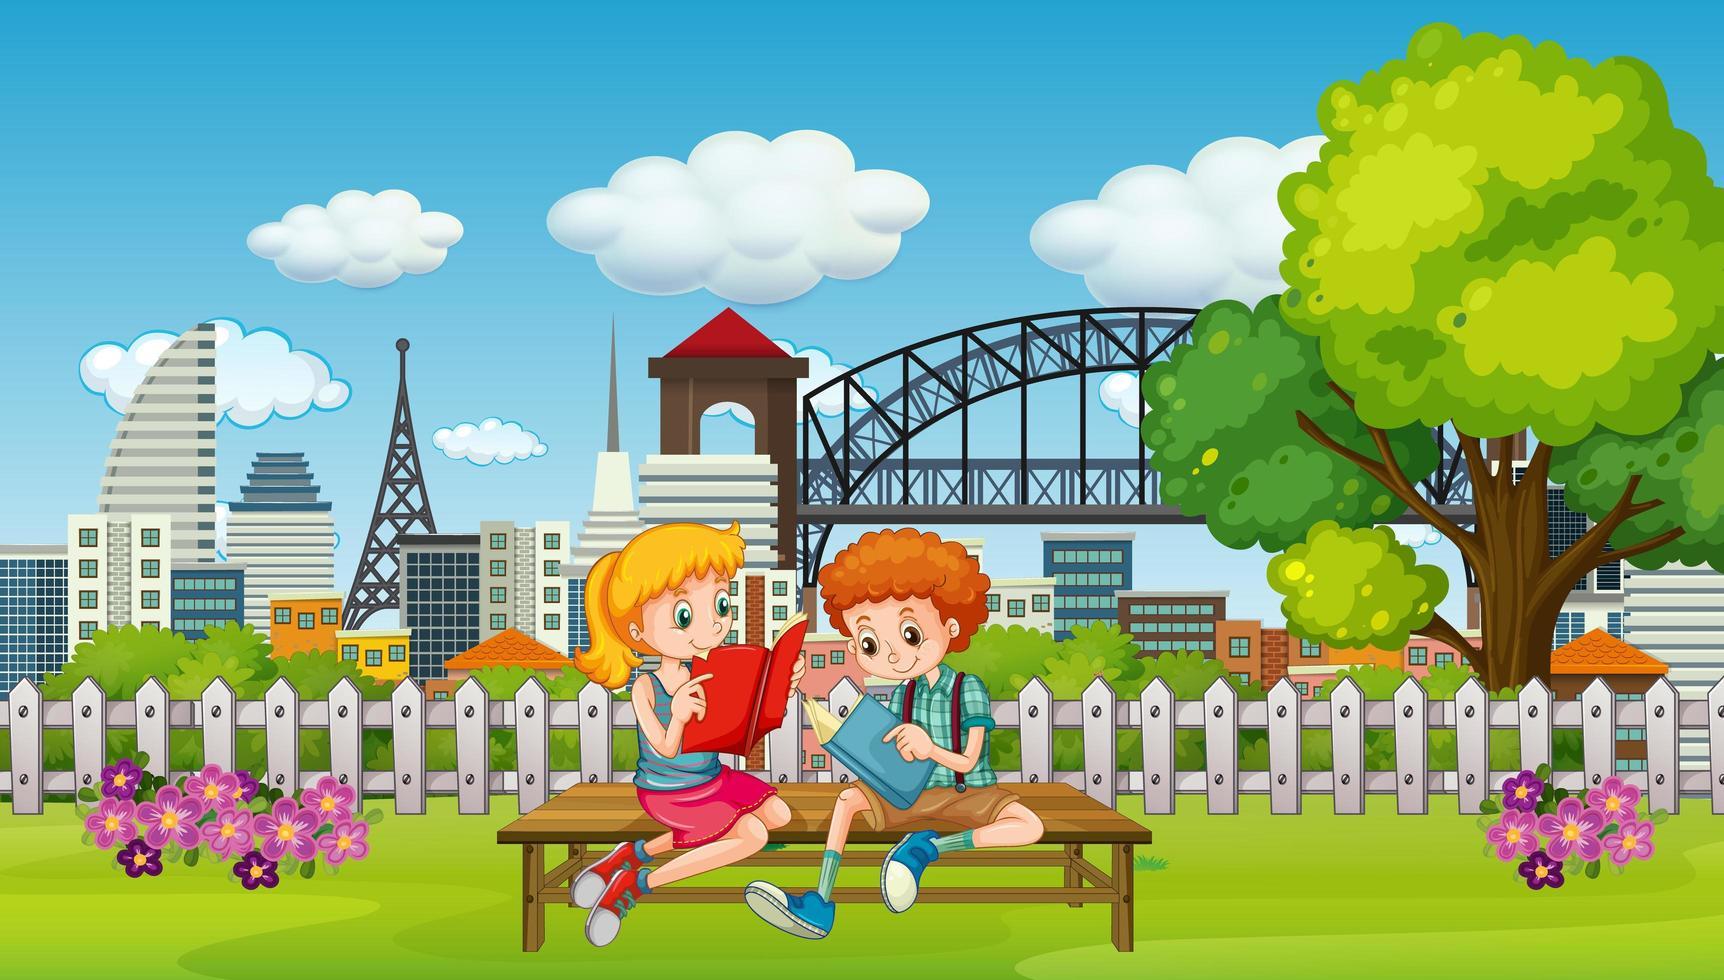 scène met twee kinderen die een boek lezen in het park vector